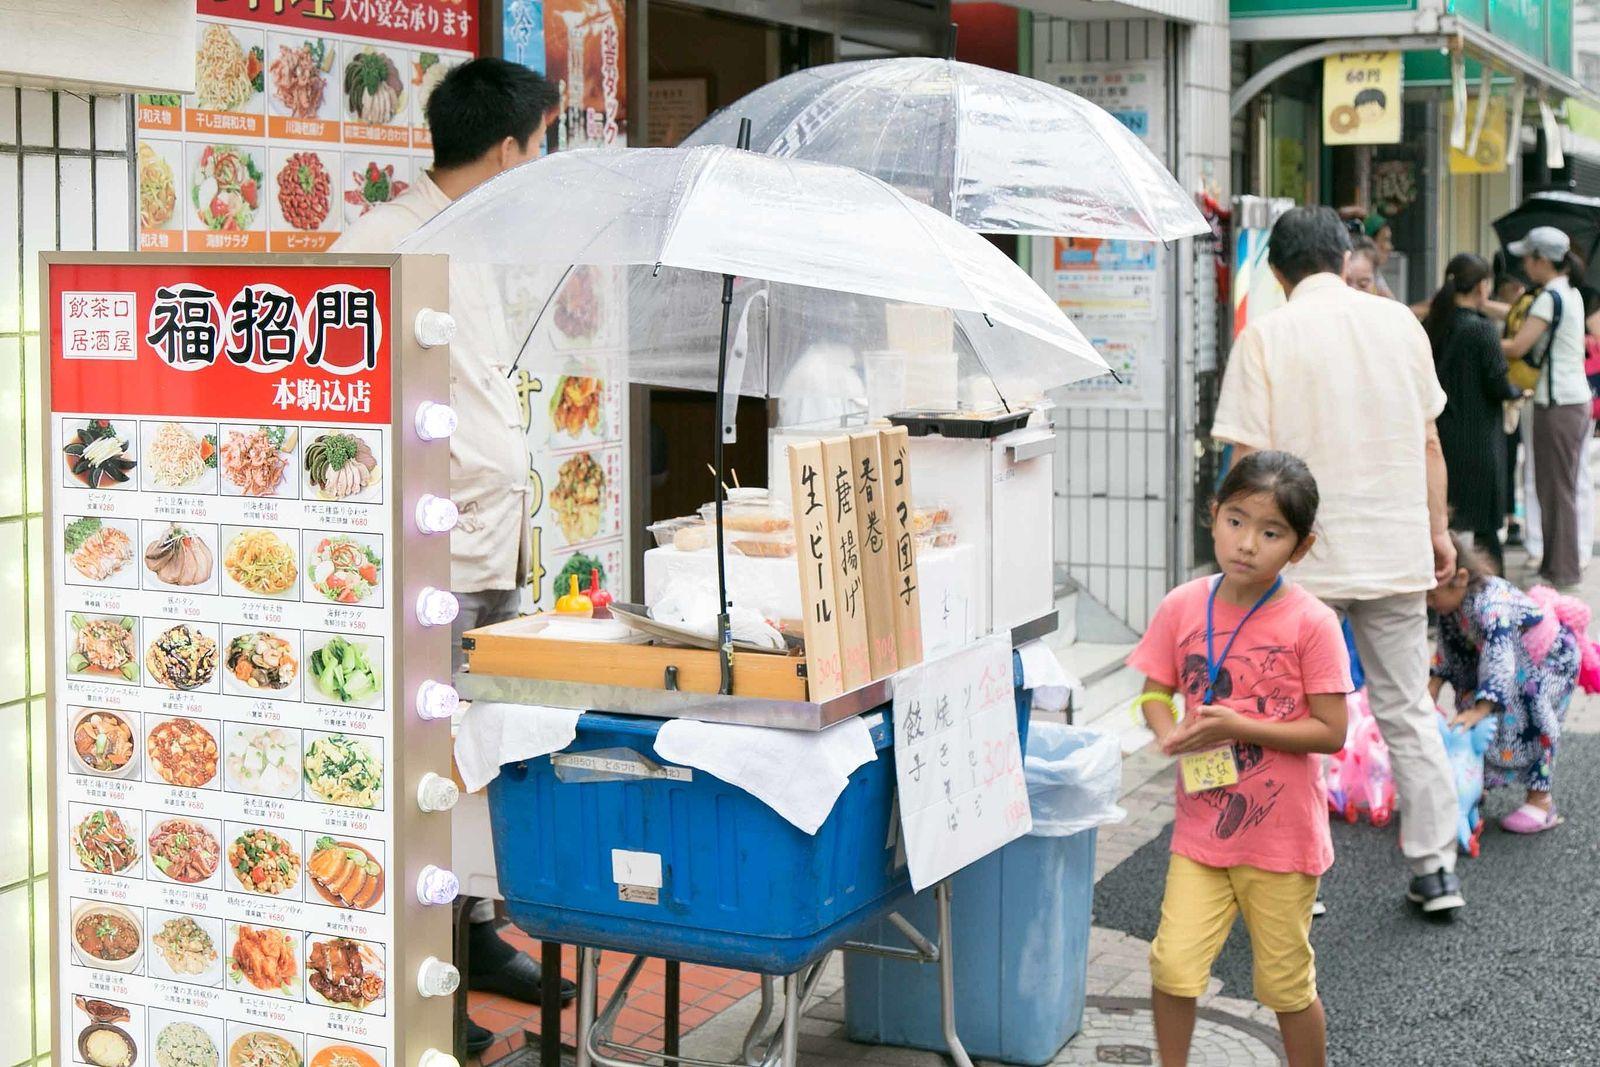 第55回「白山まつり」文京区の地域イベント